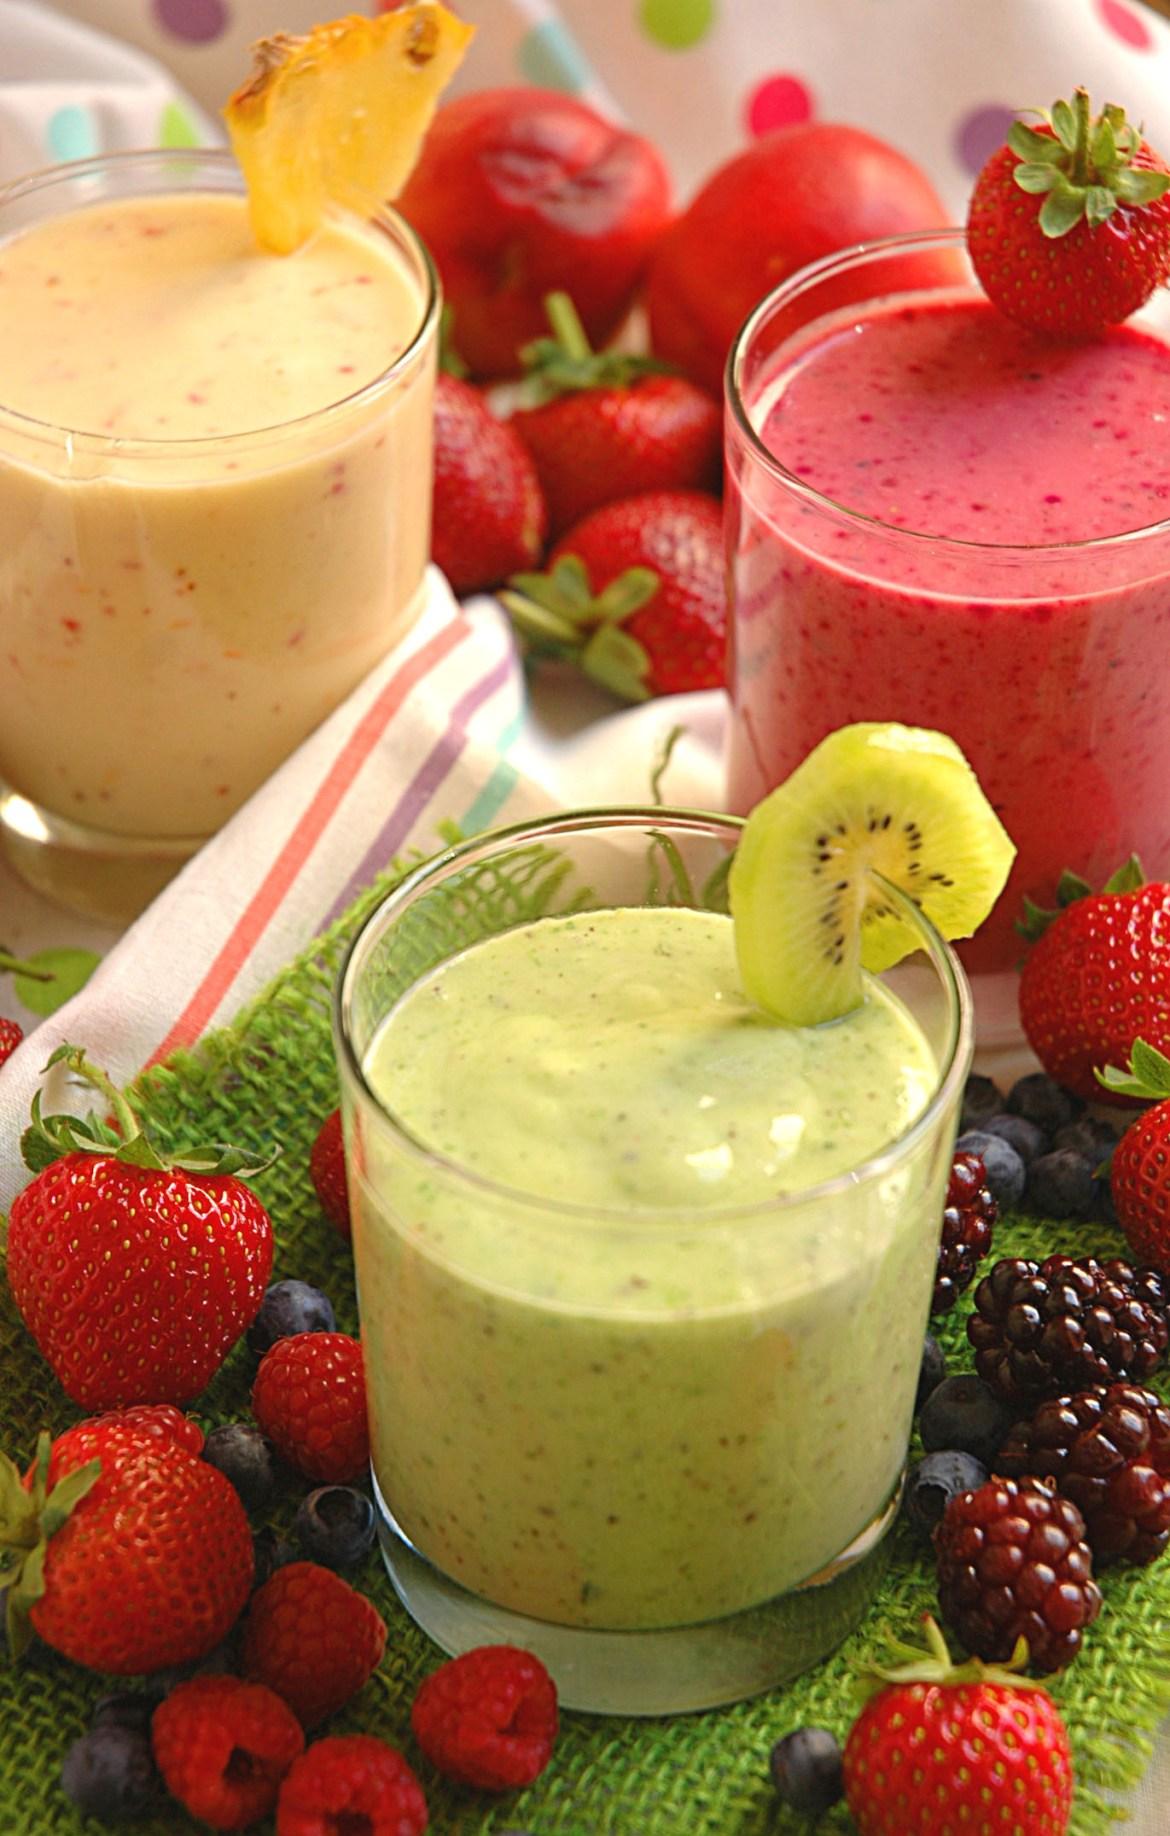 Top 10 refreshing Summer Desserts